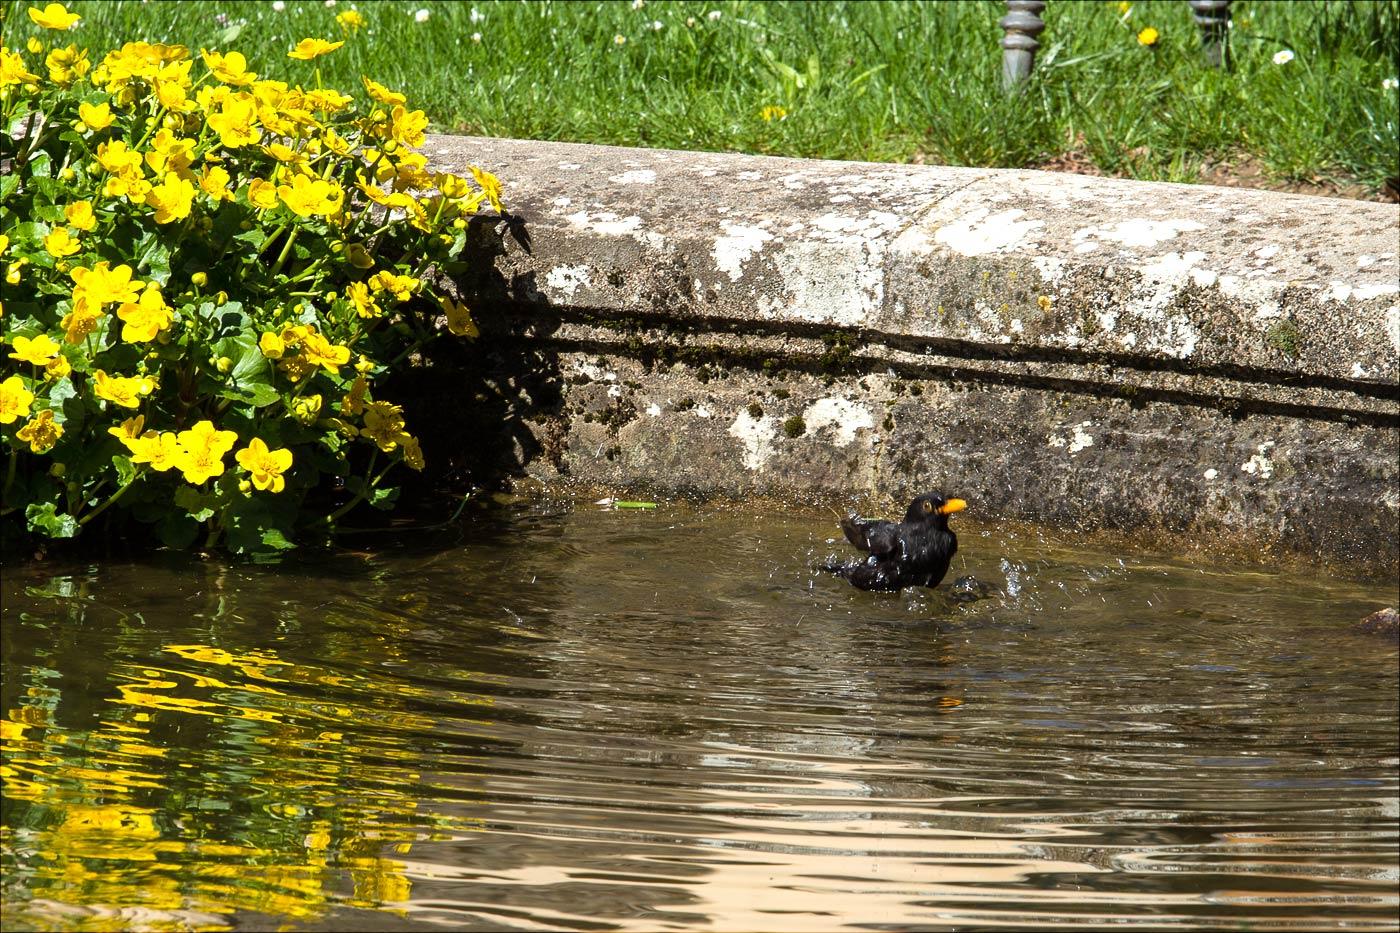 Дрозд купается в фонтане